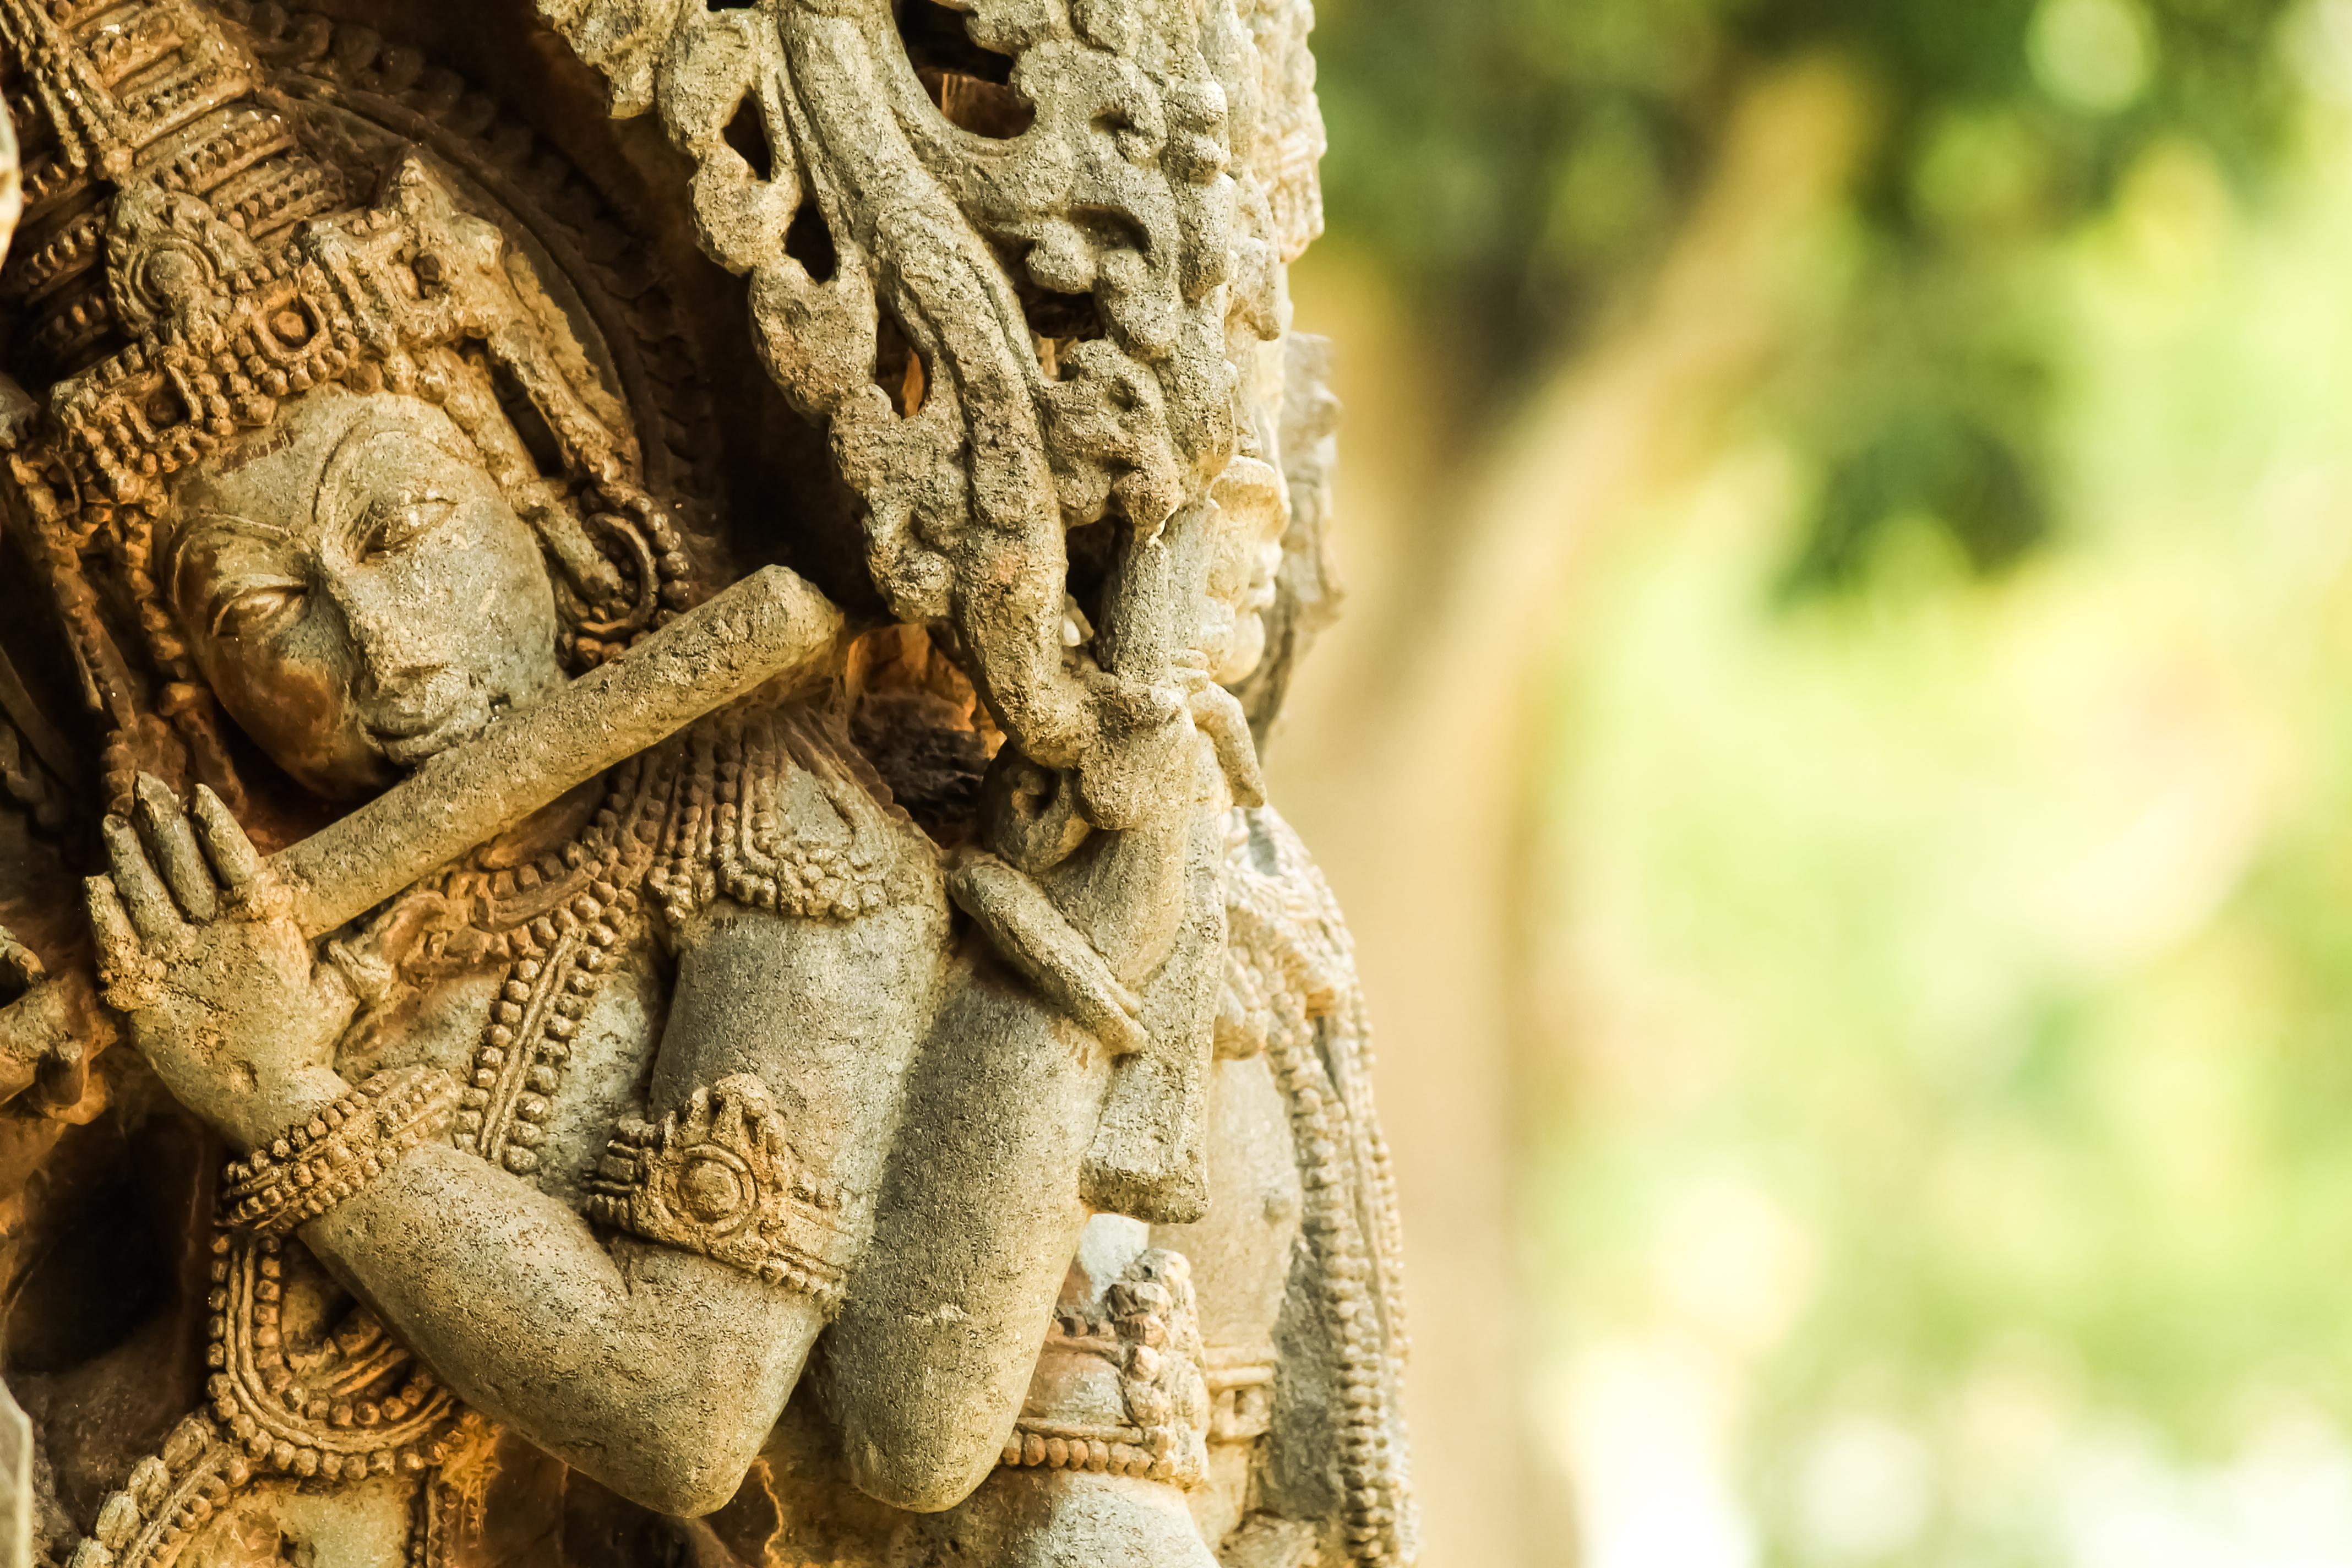 Citaten Uit De Bhagavad Gita : Op bezoek bij bhagavad gita seminar nieuw wij